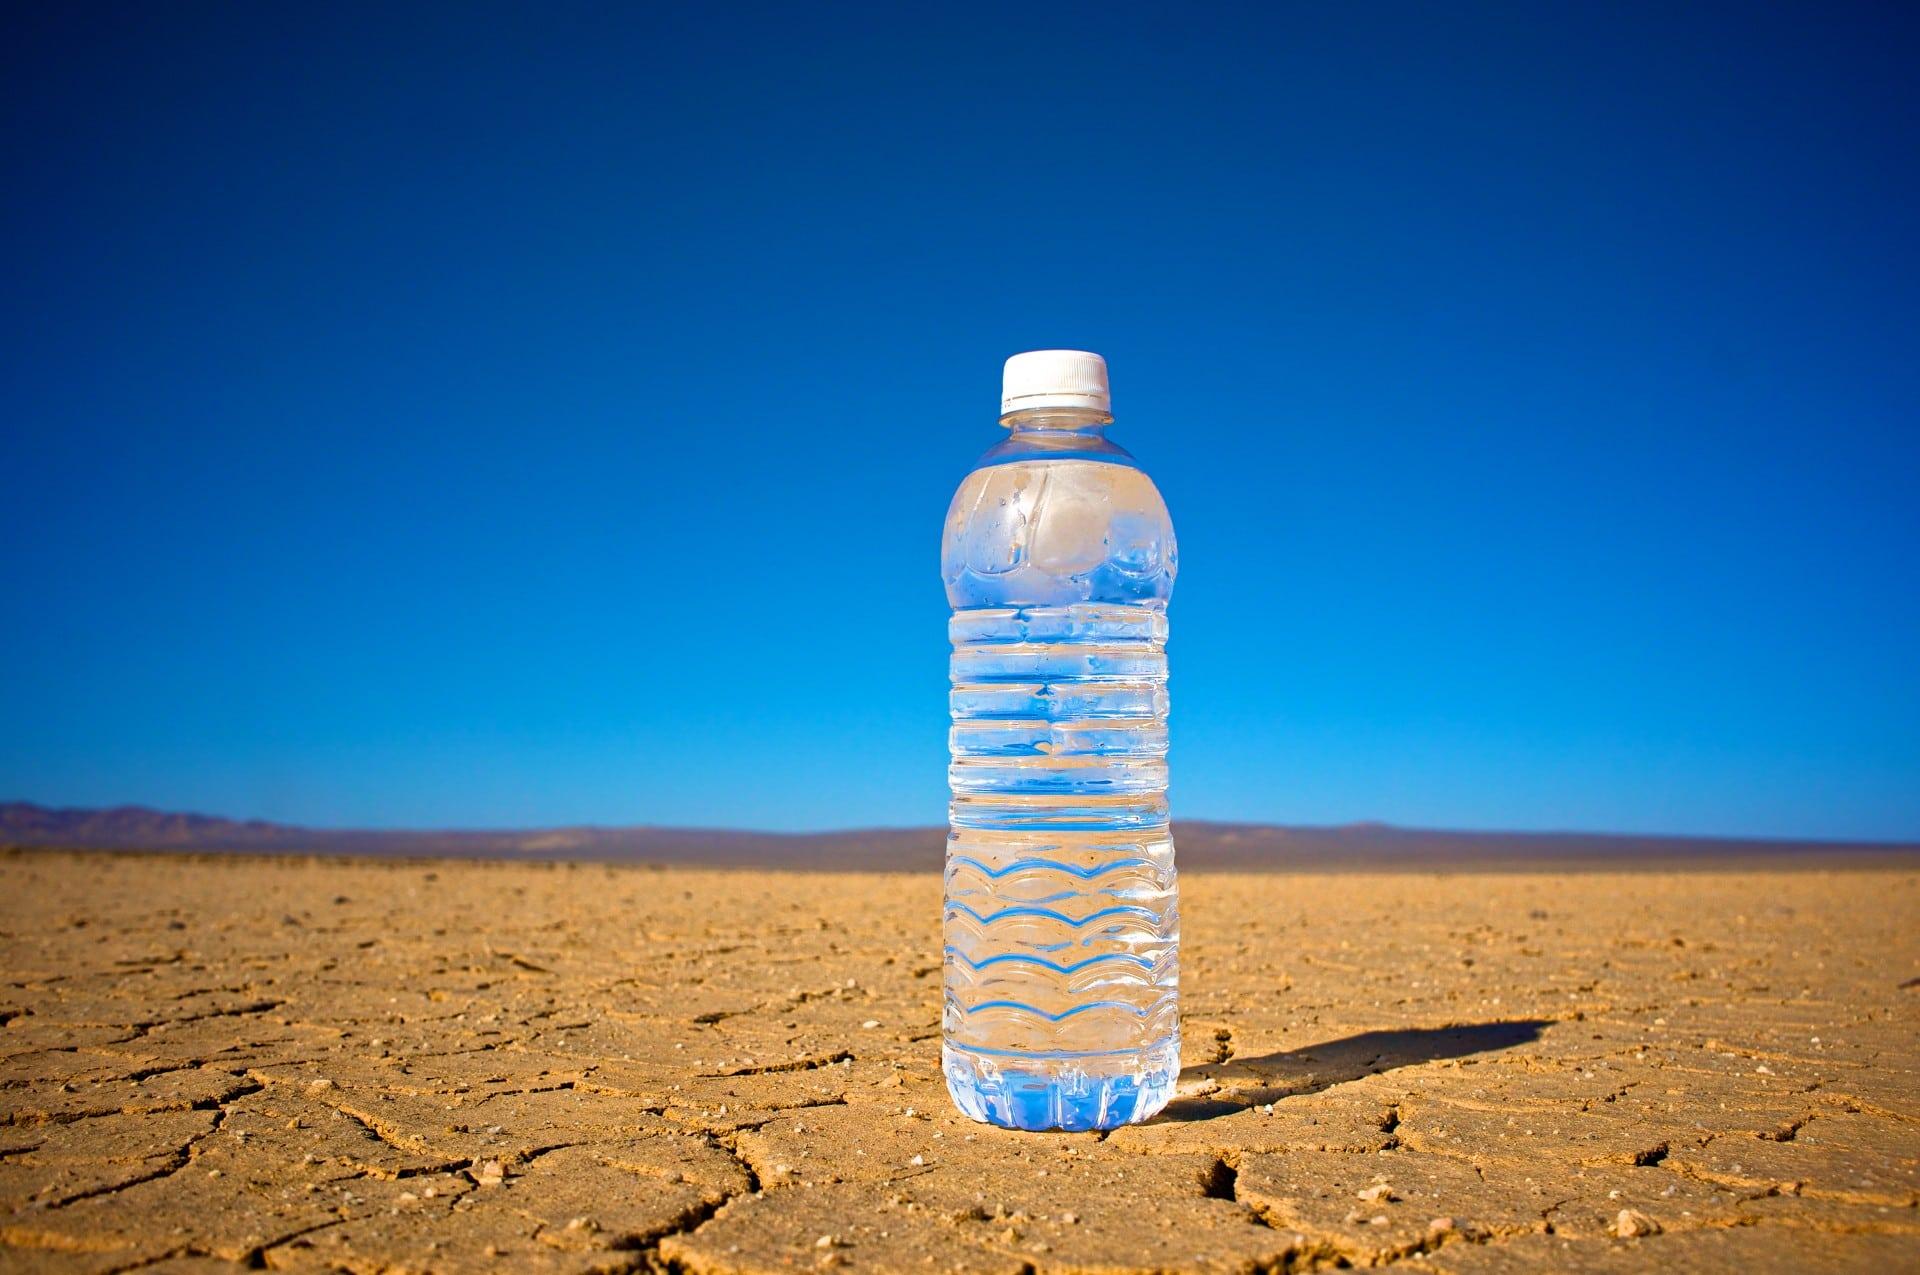 воздуха прикольные картинки пустыня и вода высокое качество фотопечати